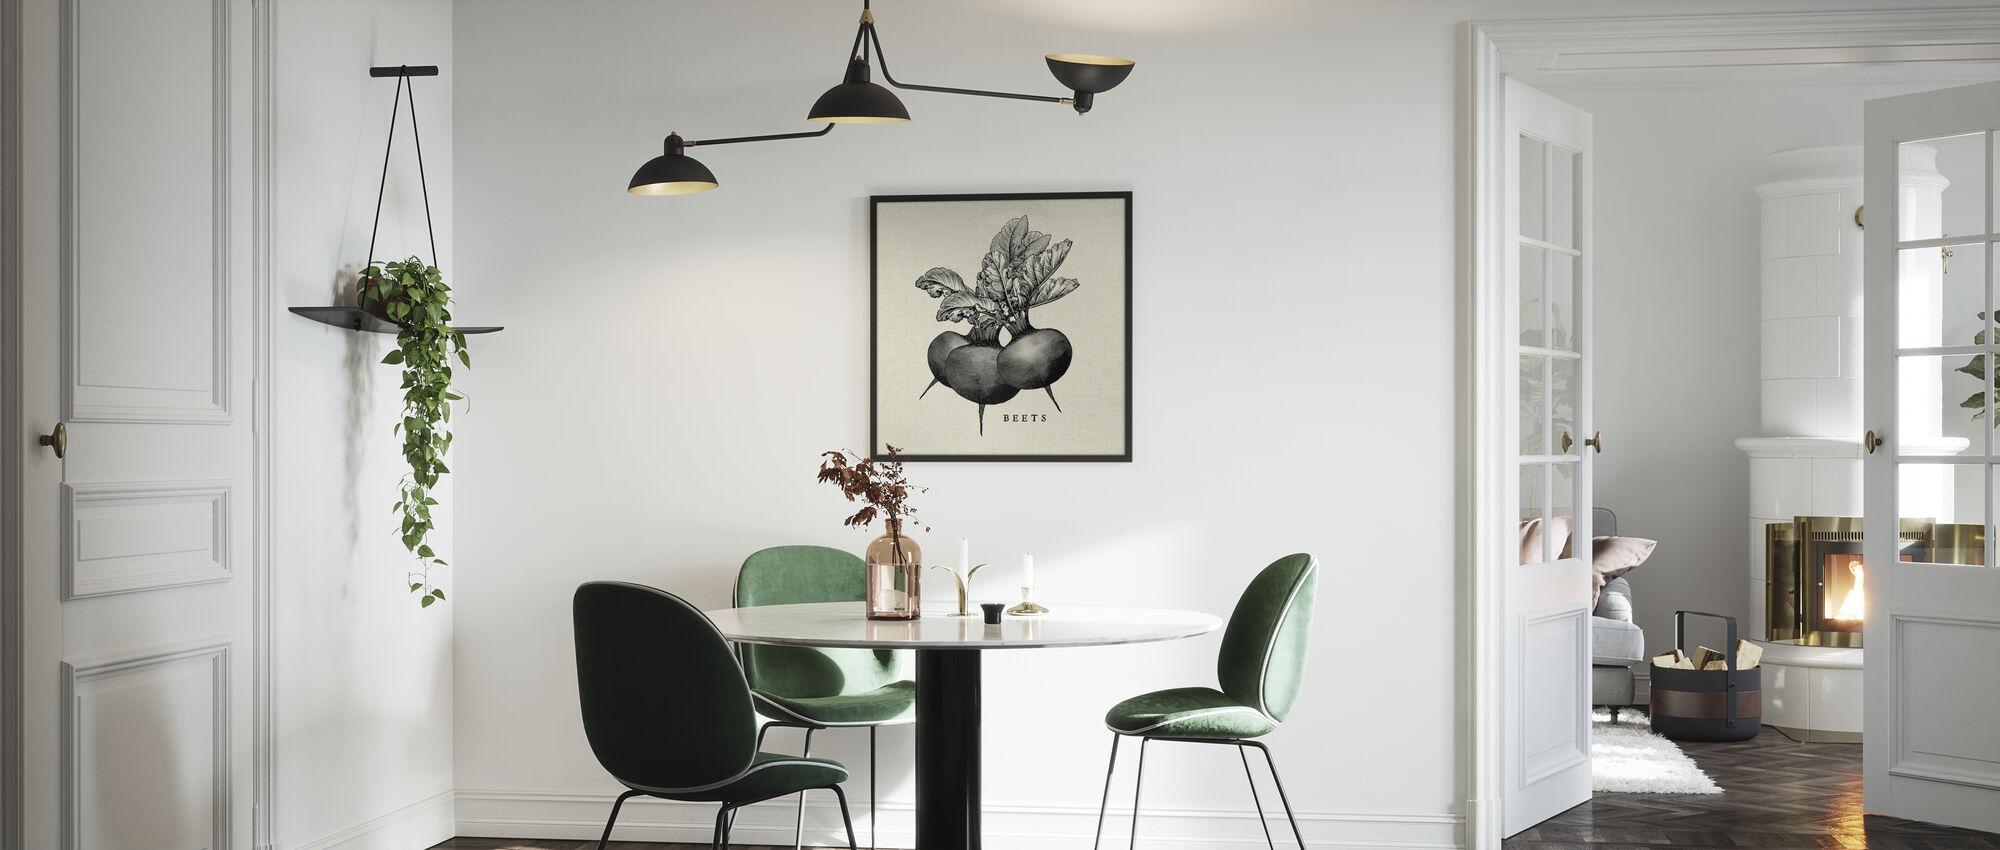 Keuken Illustratie - Bieten - Ingelijste print - Keuken